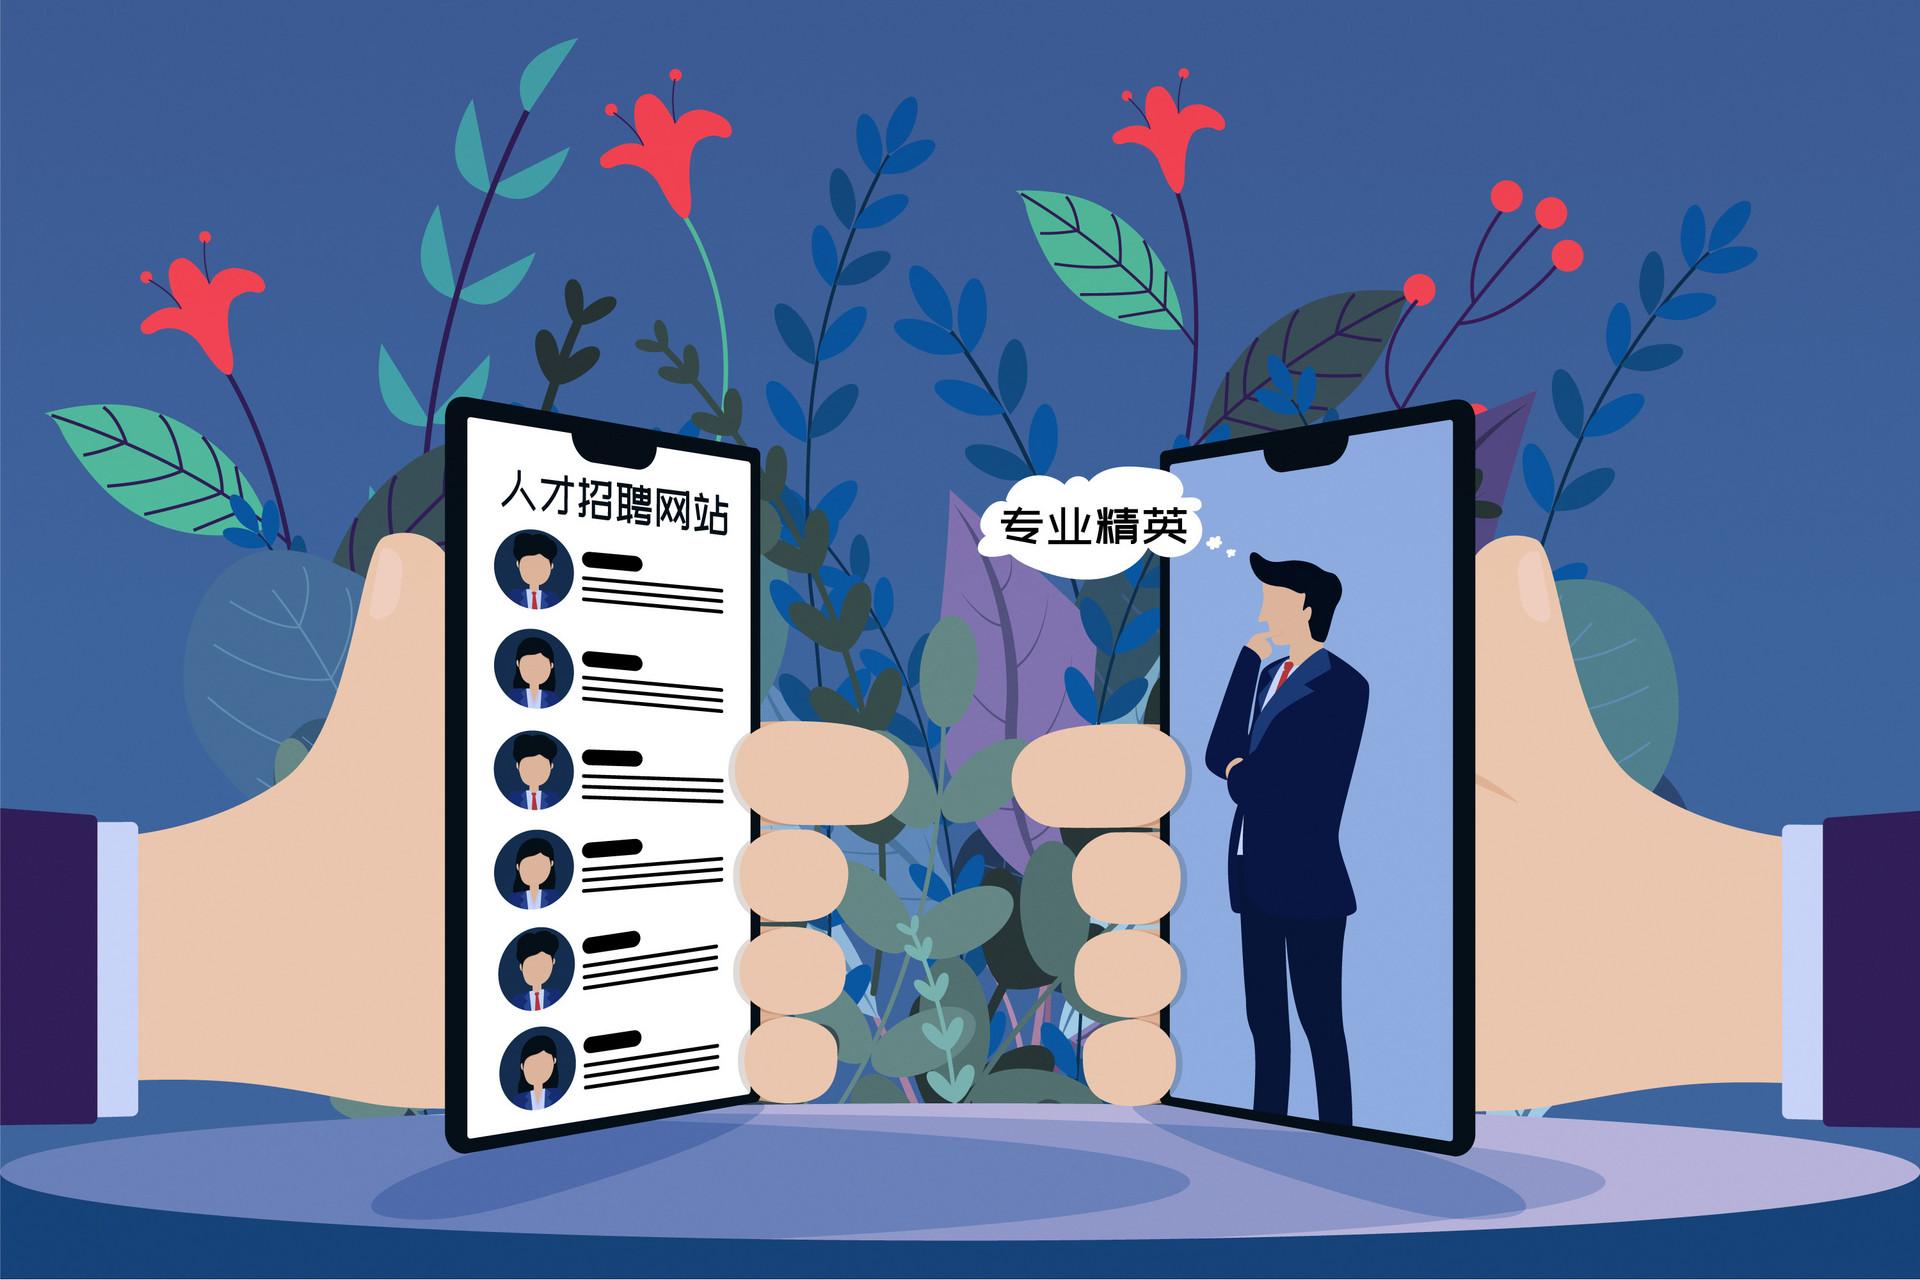 16万人信息遭泄露!智联招聘员工倒卖用户个人简历